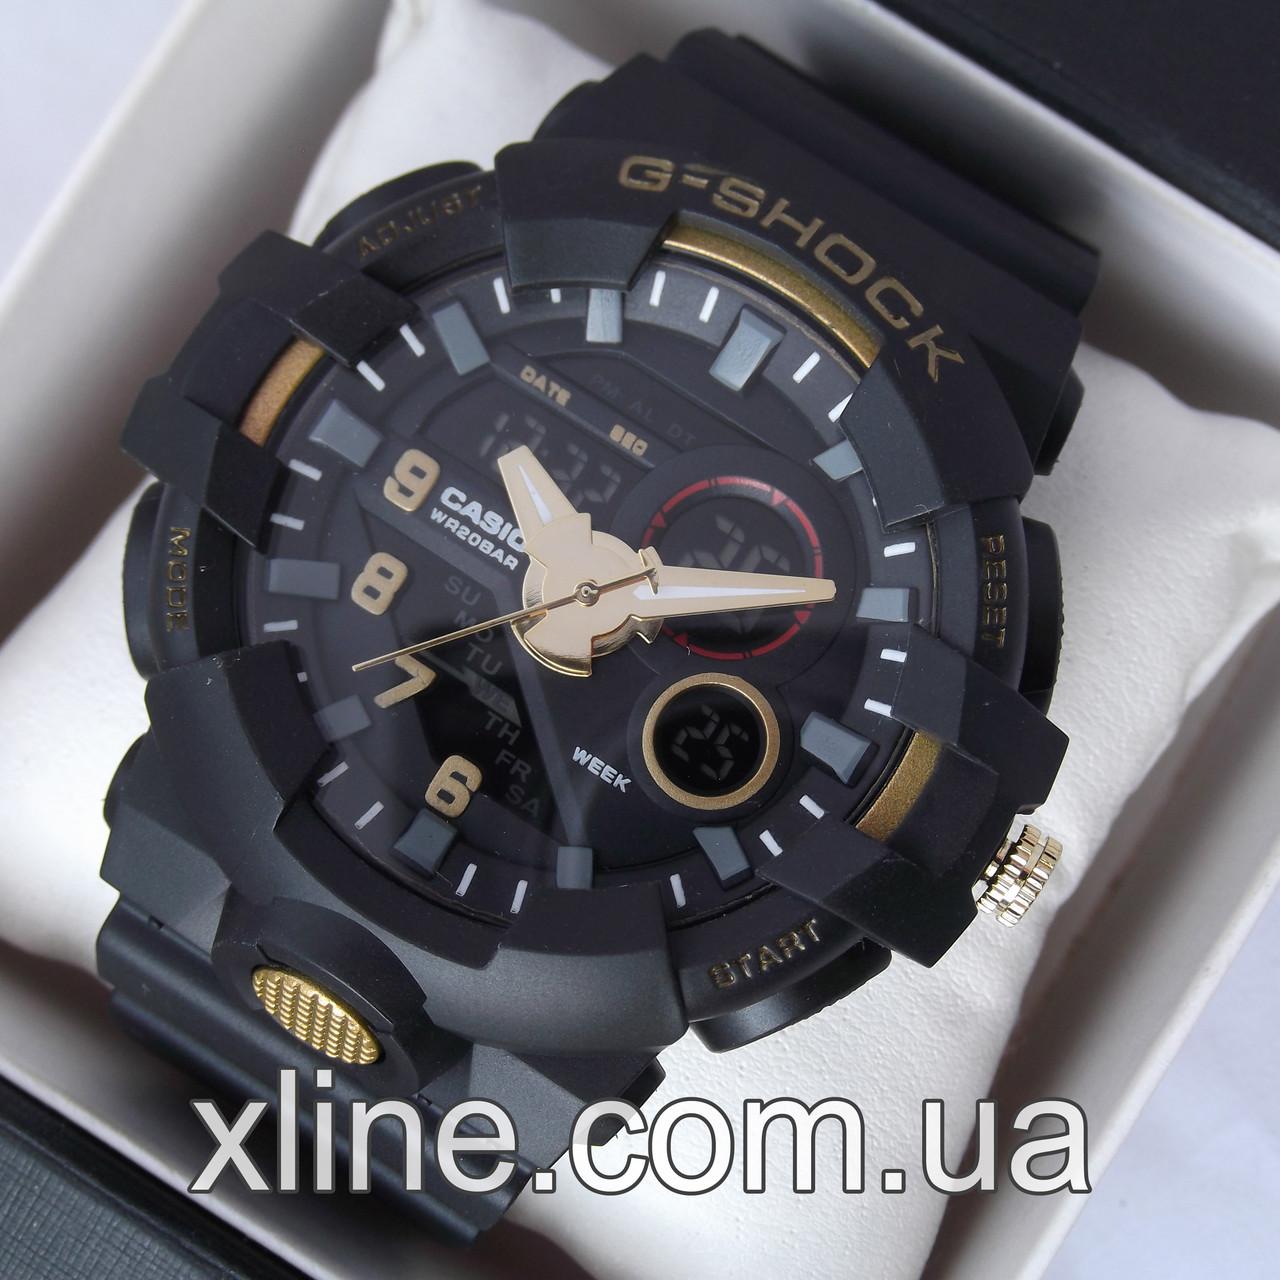 new products 08191 8108f Мужские наручные часы G-Shock GA-700 5522 на каучуковом ремешке - Bigl.ua